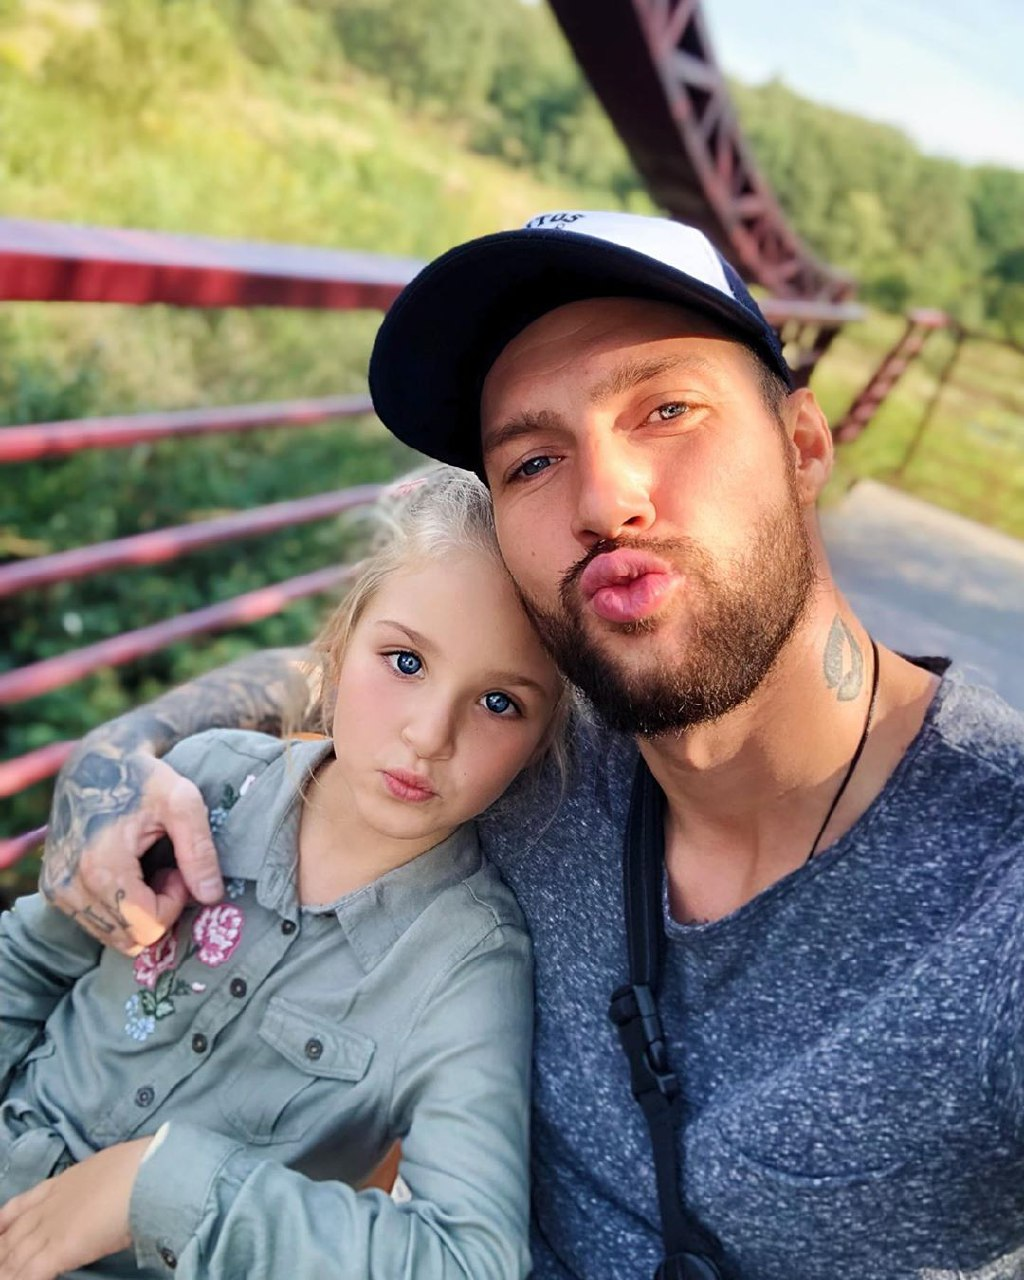 Олег Кензов рассказал о лучших поцелуях в жизни: они были без страсти